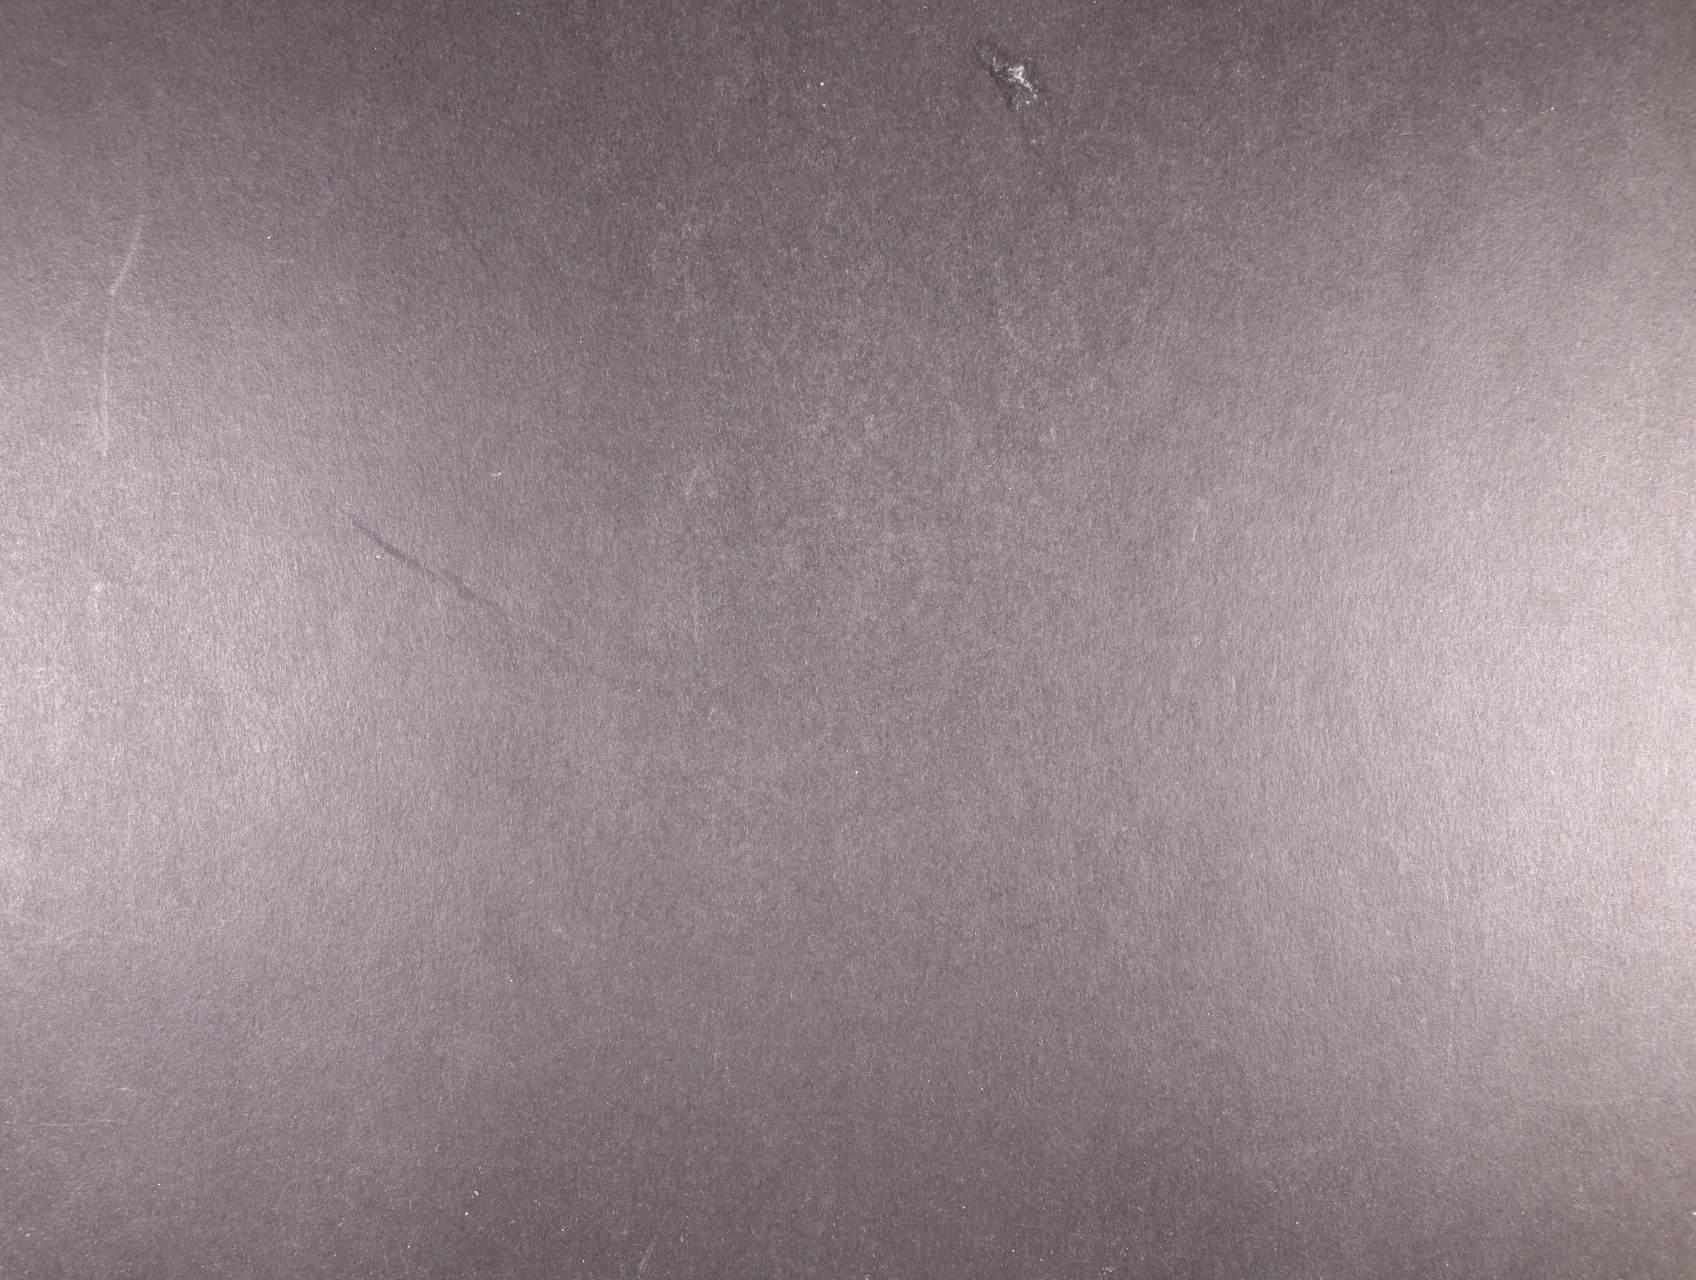 ČSR II - rozsáhlá sbírka zn., aršíků, TL a PL, kuponů z let 1945 - 1992, od r. 1975 v dvoupáskách a čtyřblocích, obsahuje mj. A č. 564, A 691-2, A 853 - 7 A + B, PL 1489 - 95, navíc velké mn. razítkovaných zn (nepočítáno), uloženo v 10ti zásobnících A4, zajímavé, vys. kat. záznam